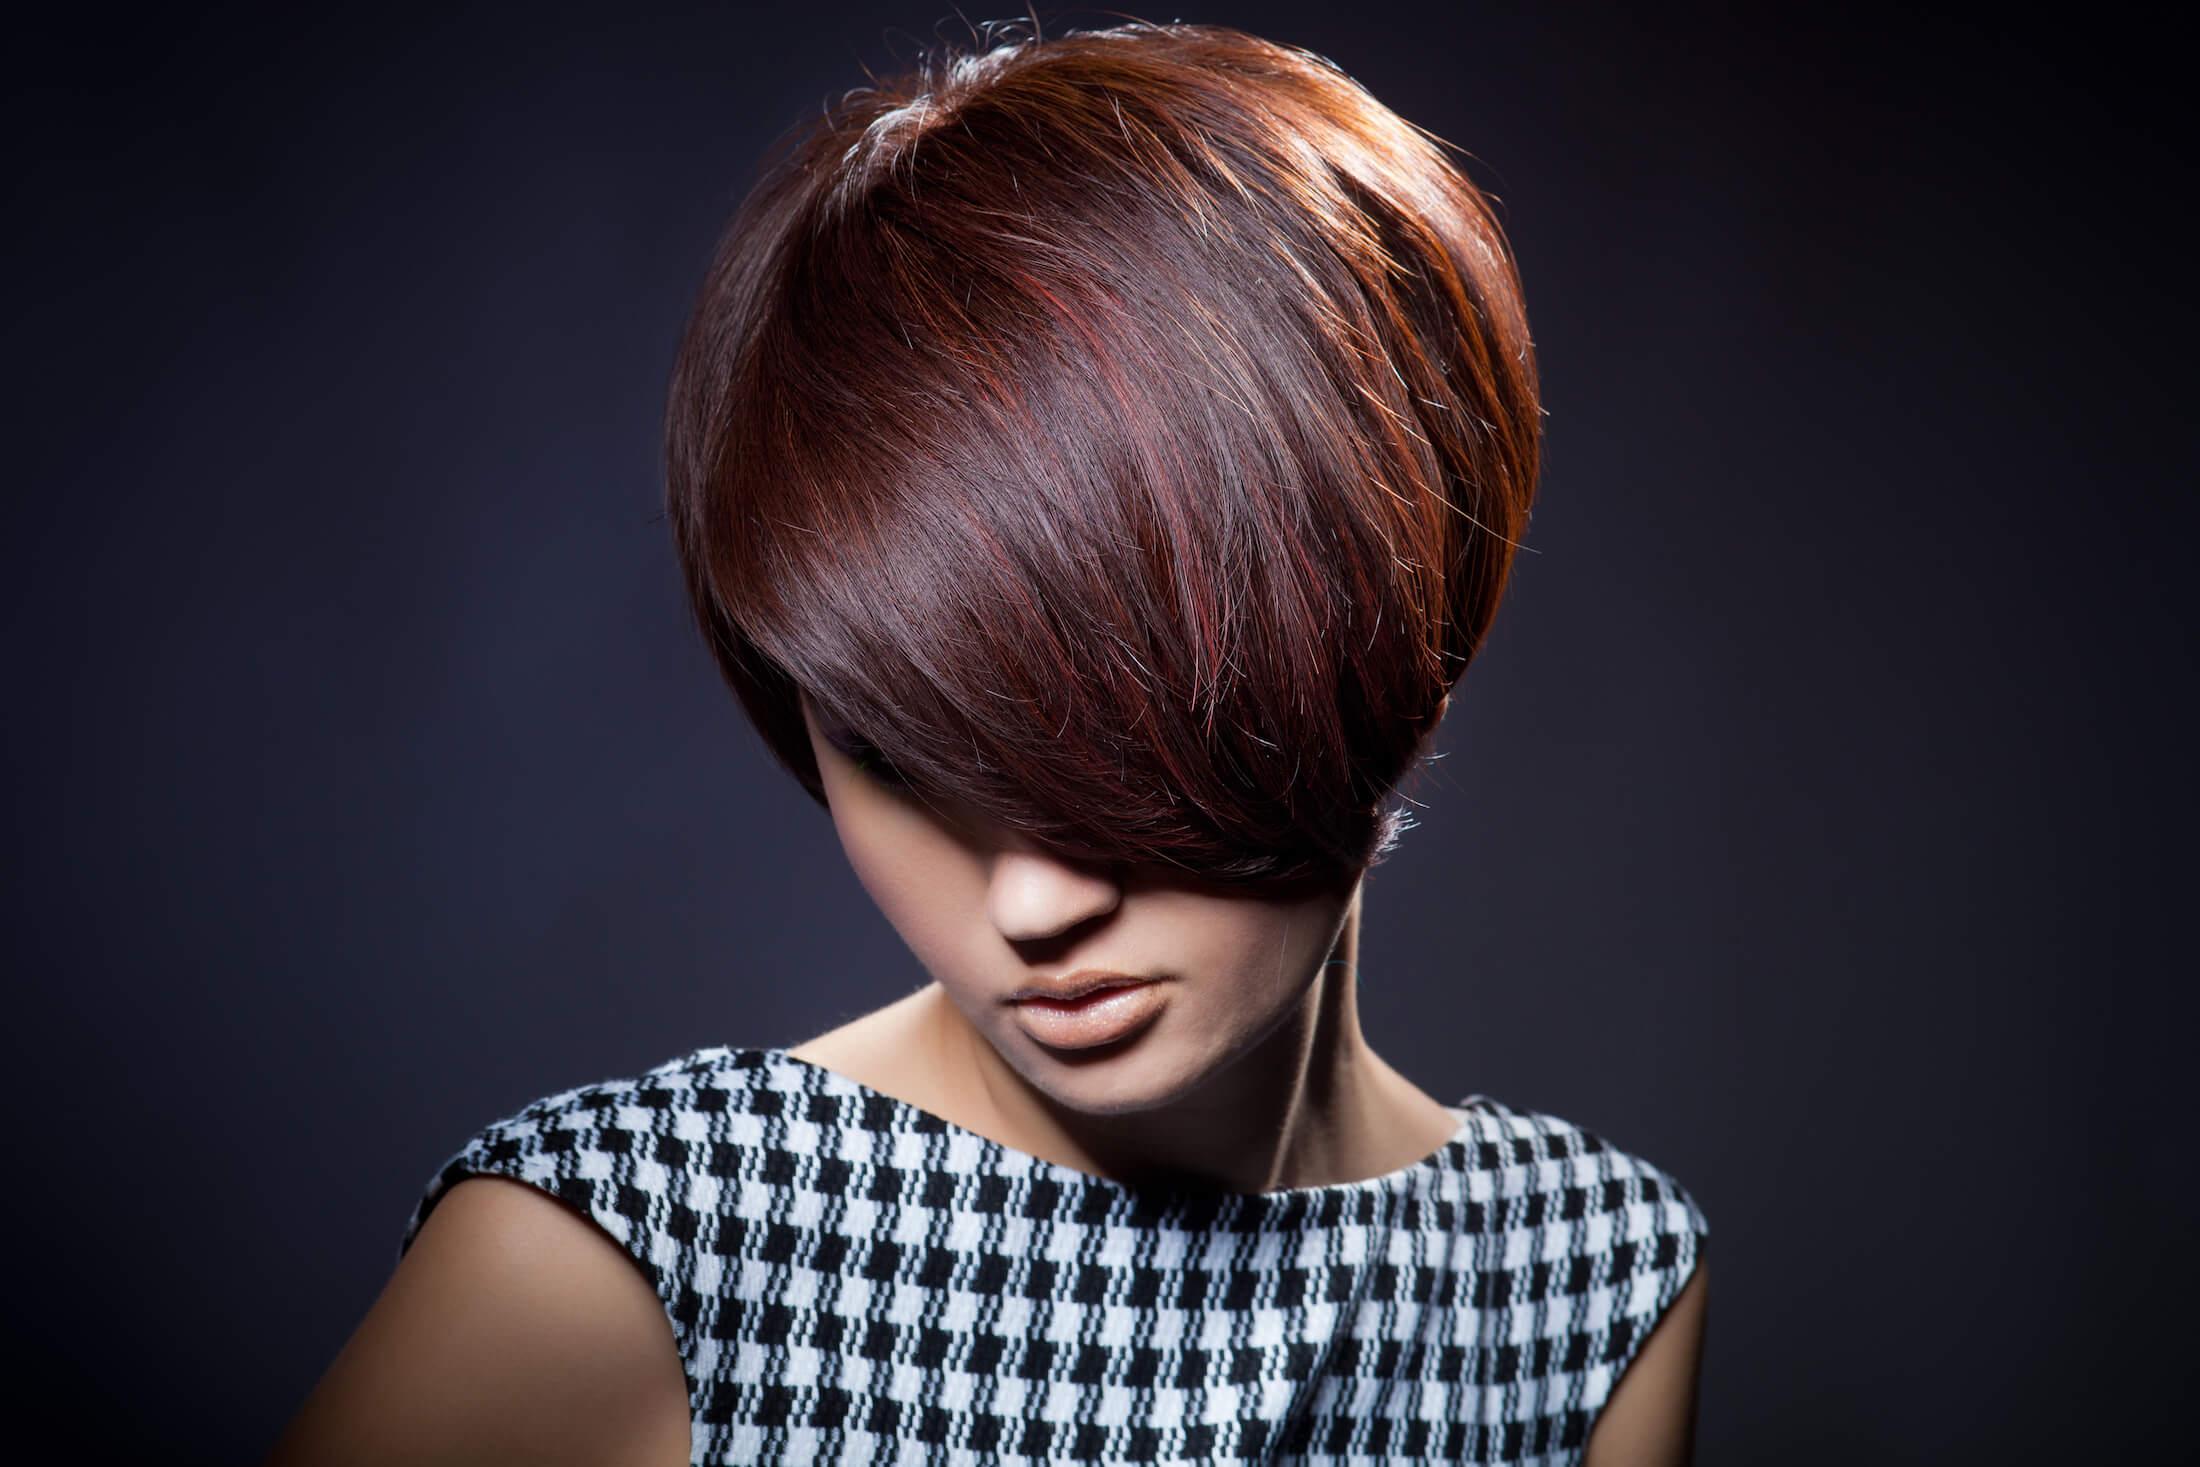 capelli rosso scuro corti